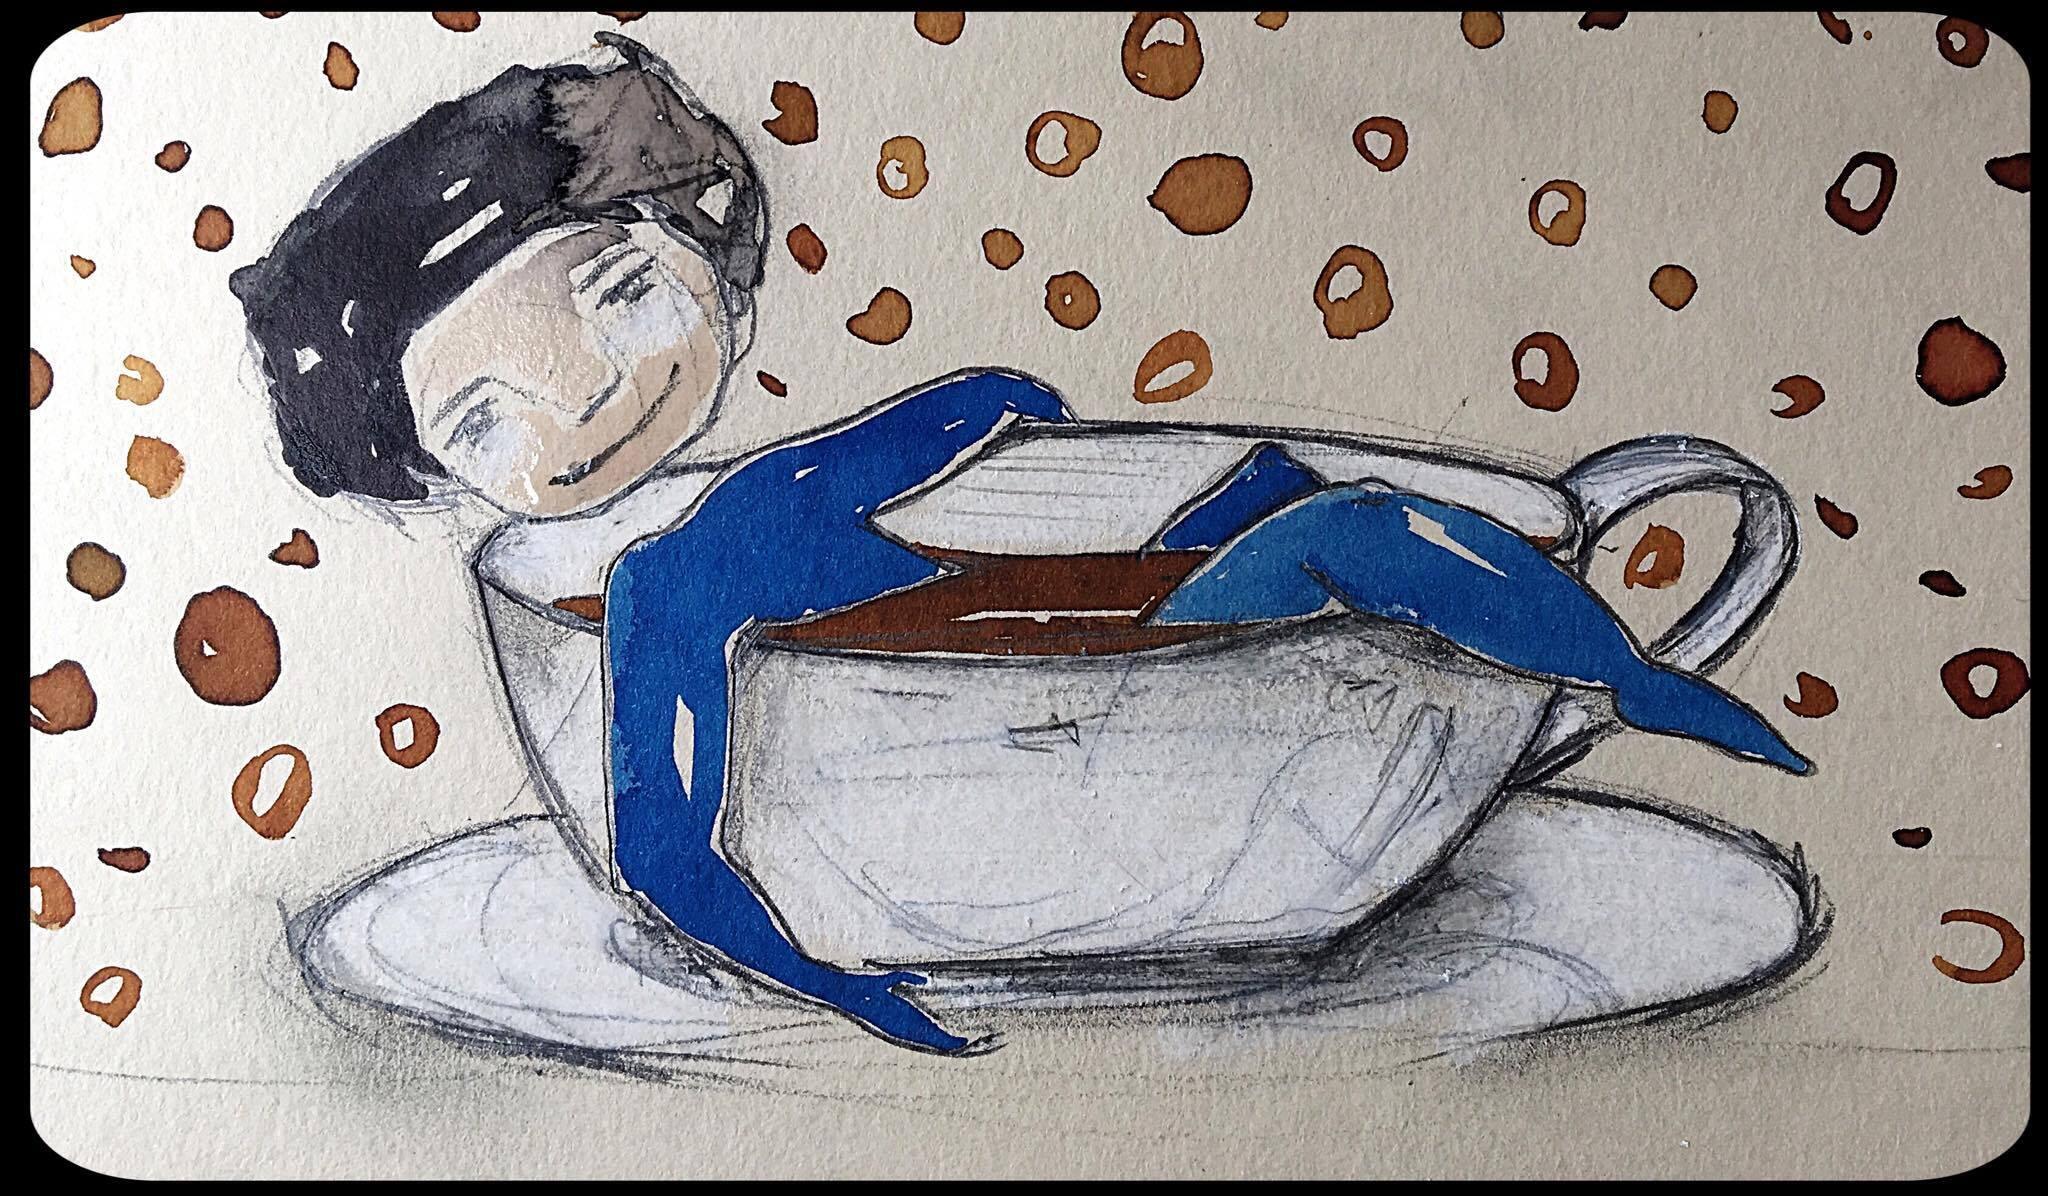 Dessin tiré de «Ecouter le monde au café».